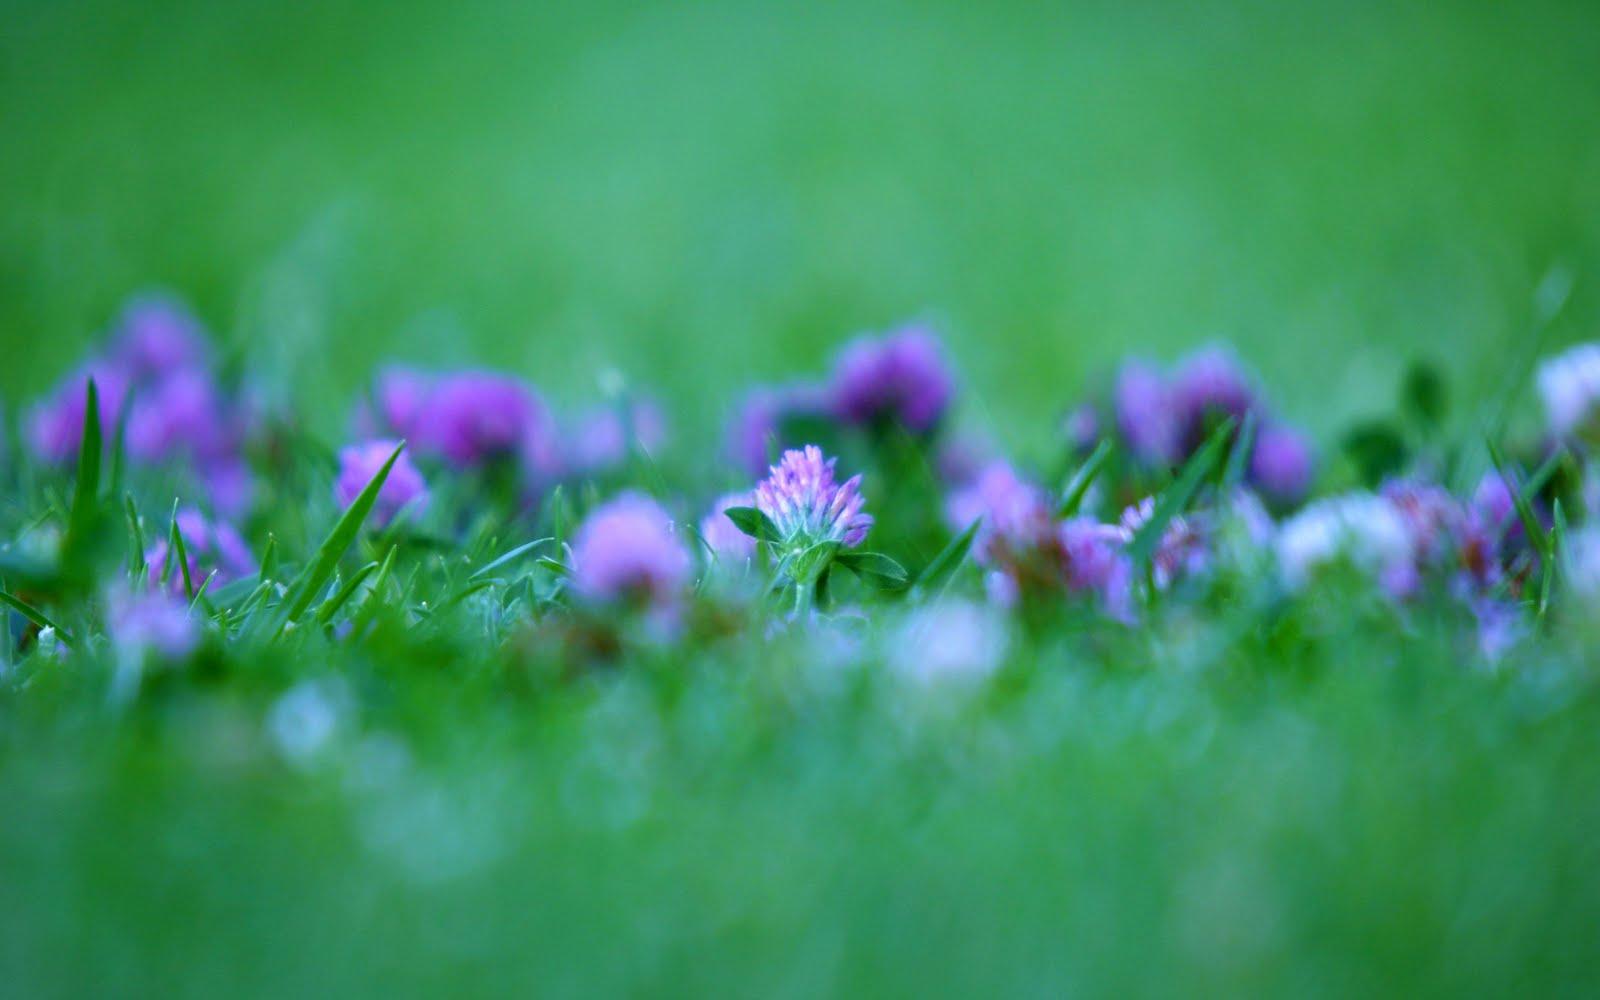 http://1.bp.blogspot.com/-OF8WziFGSSo/ThF8ZGb42qI/AAAAAAAAAfg/k3PswWWd2Jg/s1600/Madrid_Flowers.jpg